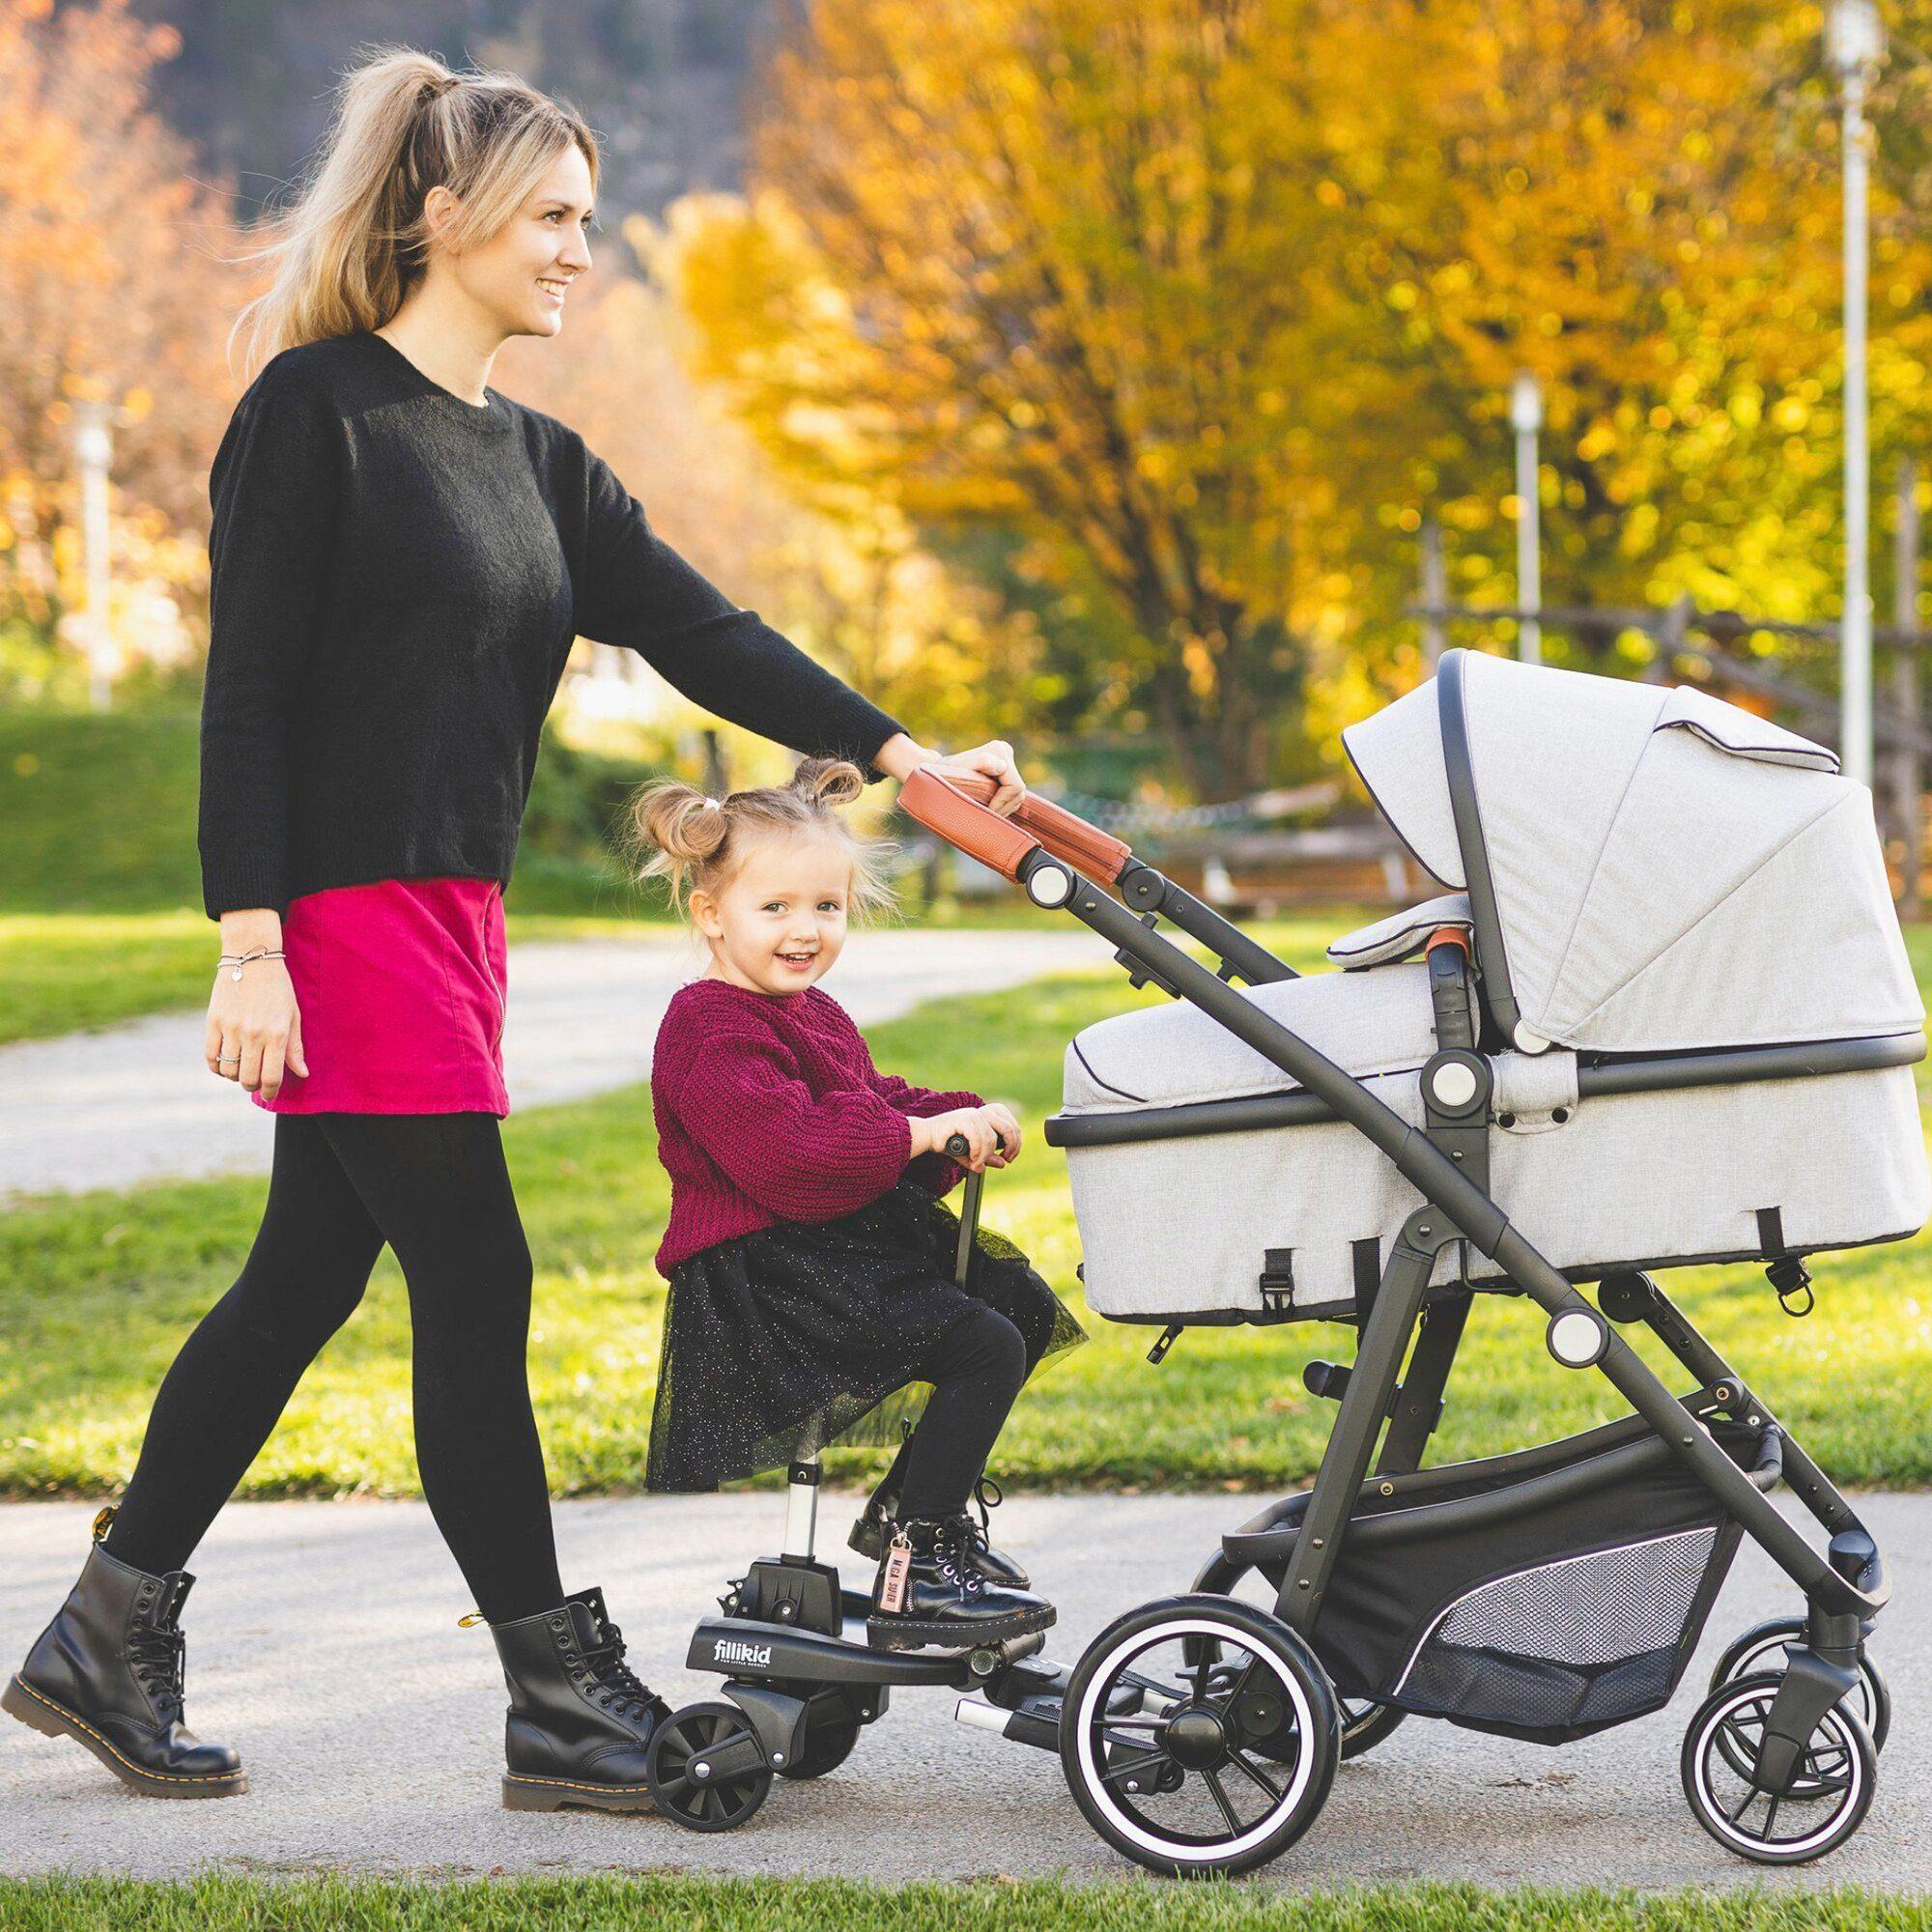 FILLIKID Zusatzsitz für Buggy-Board Filliboard für Kinderwagen